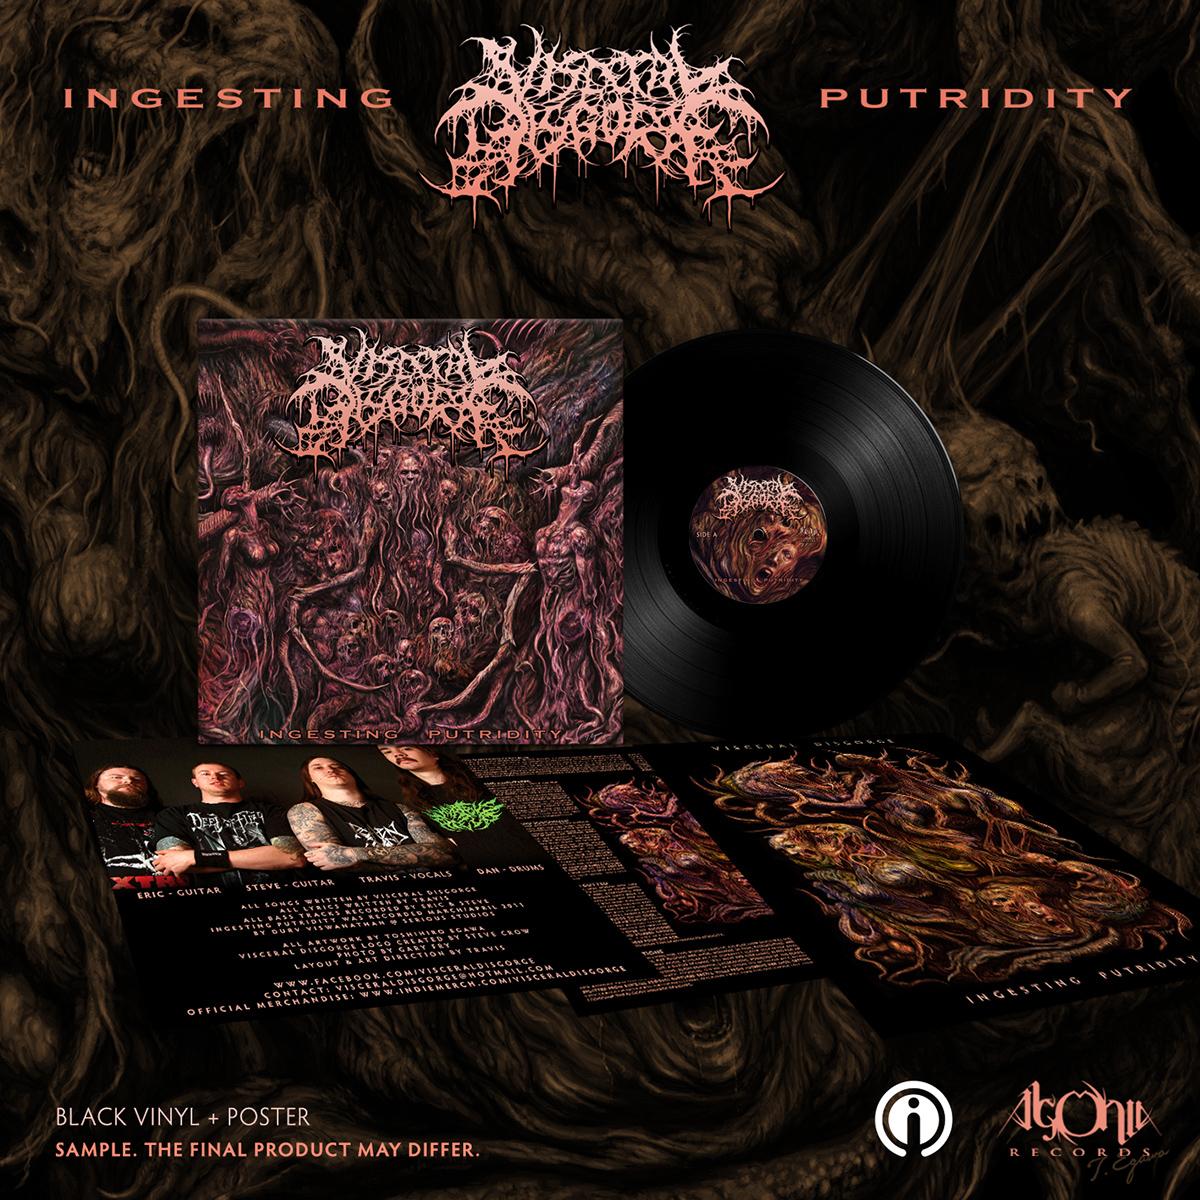 Ingesting Putridity Black Vinyl + Tee Bundle